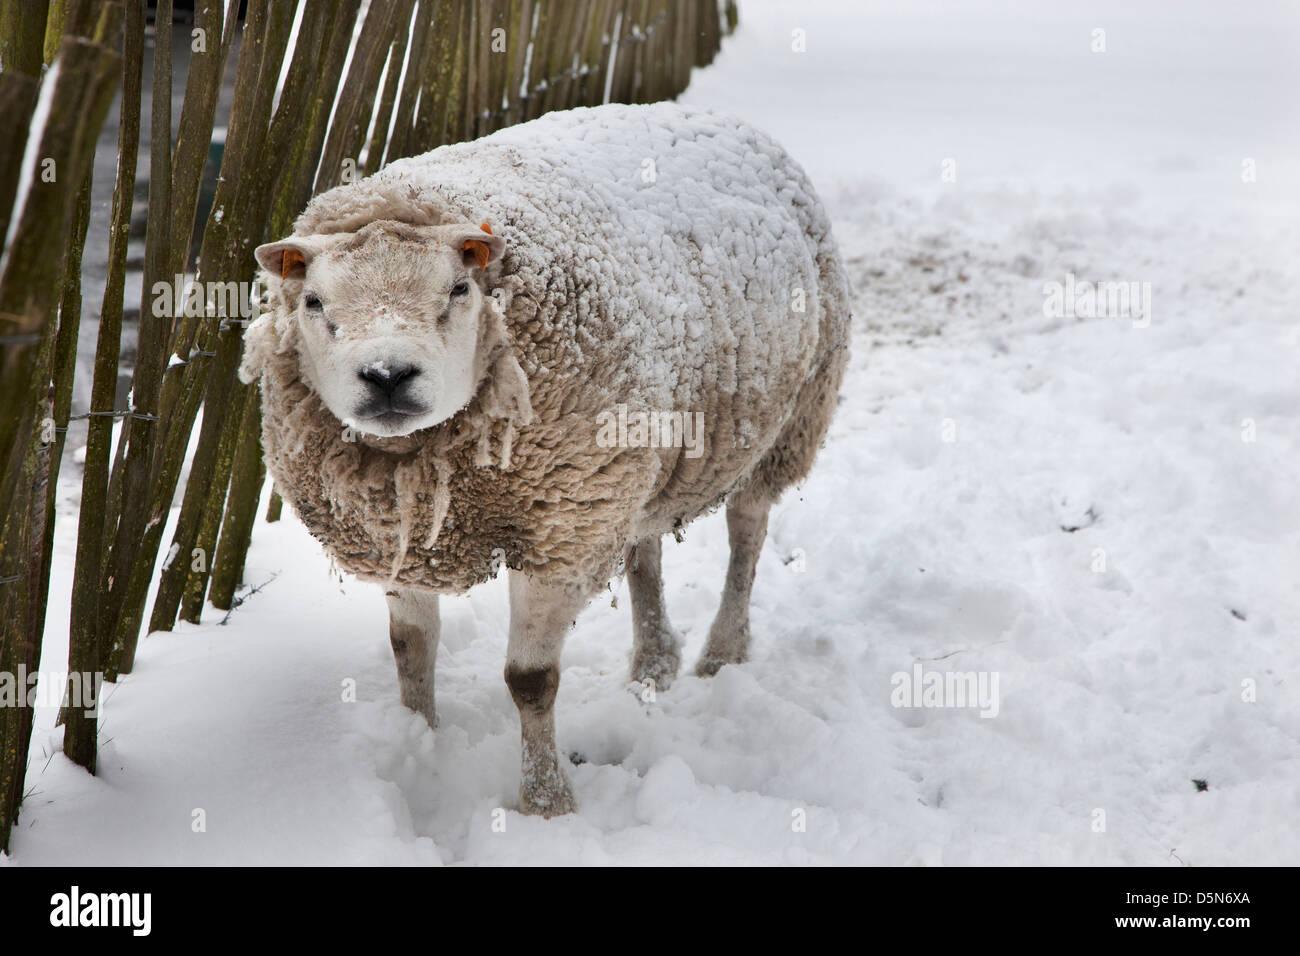 Ovejas domésticas en capa gruesa en la nieve en invierno Imagen De Stock